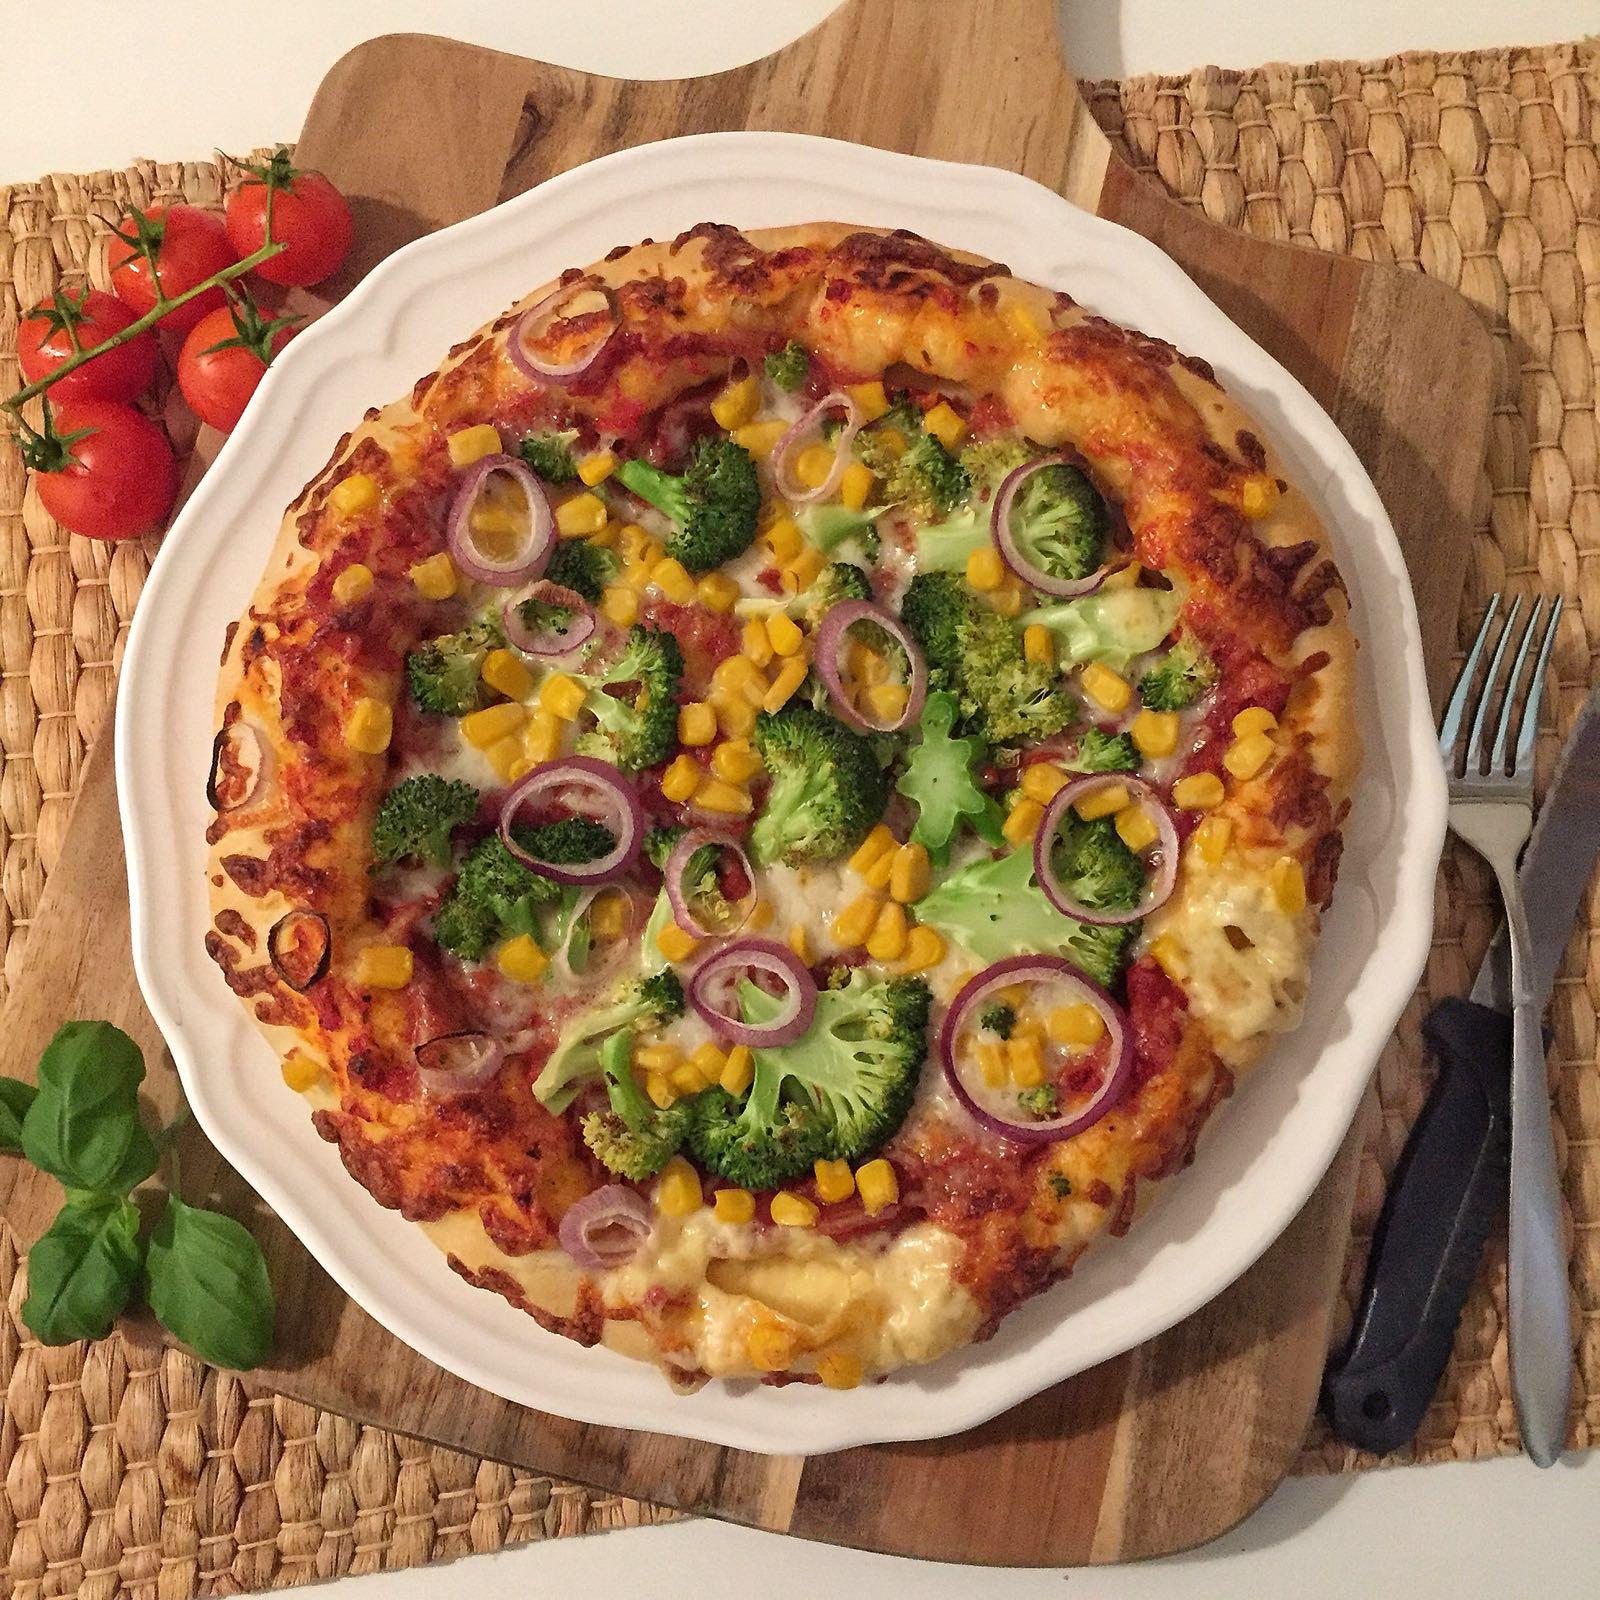 Köstliche Pizza mit Käserand (hmmmm) von Anita von *olles Himmelsglitzerdings*